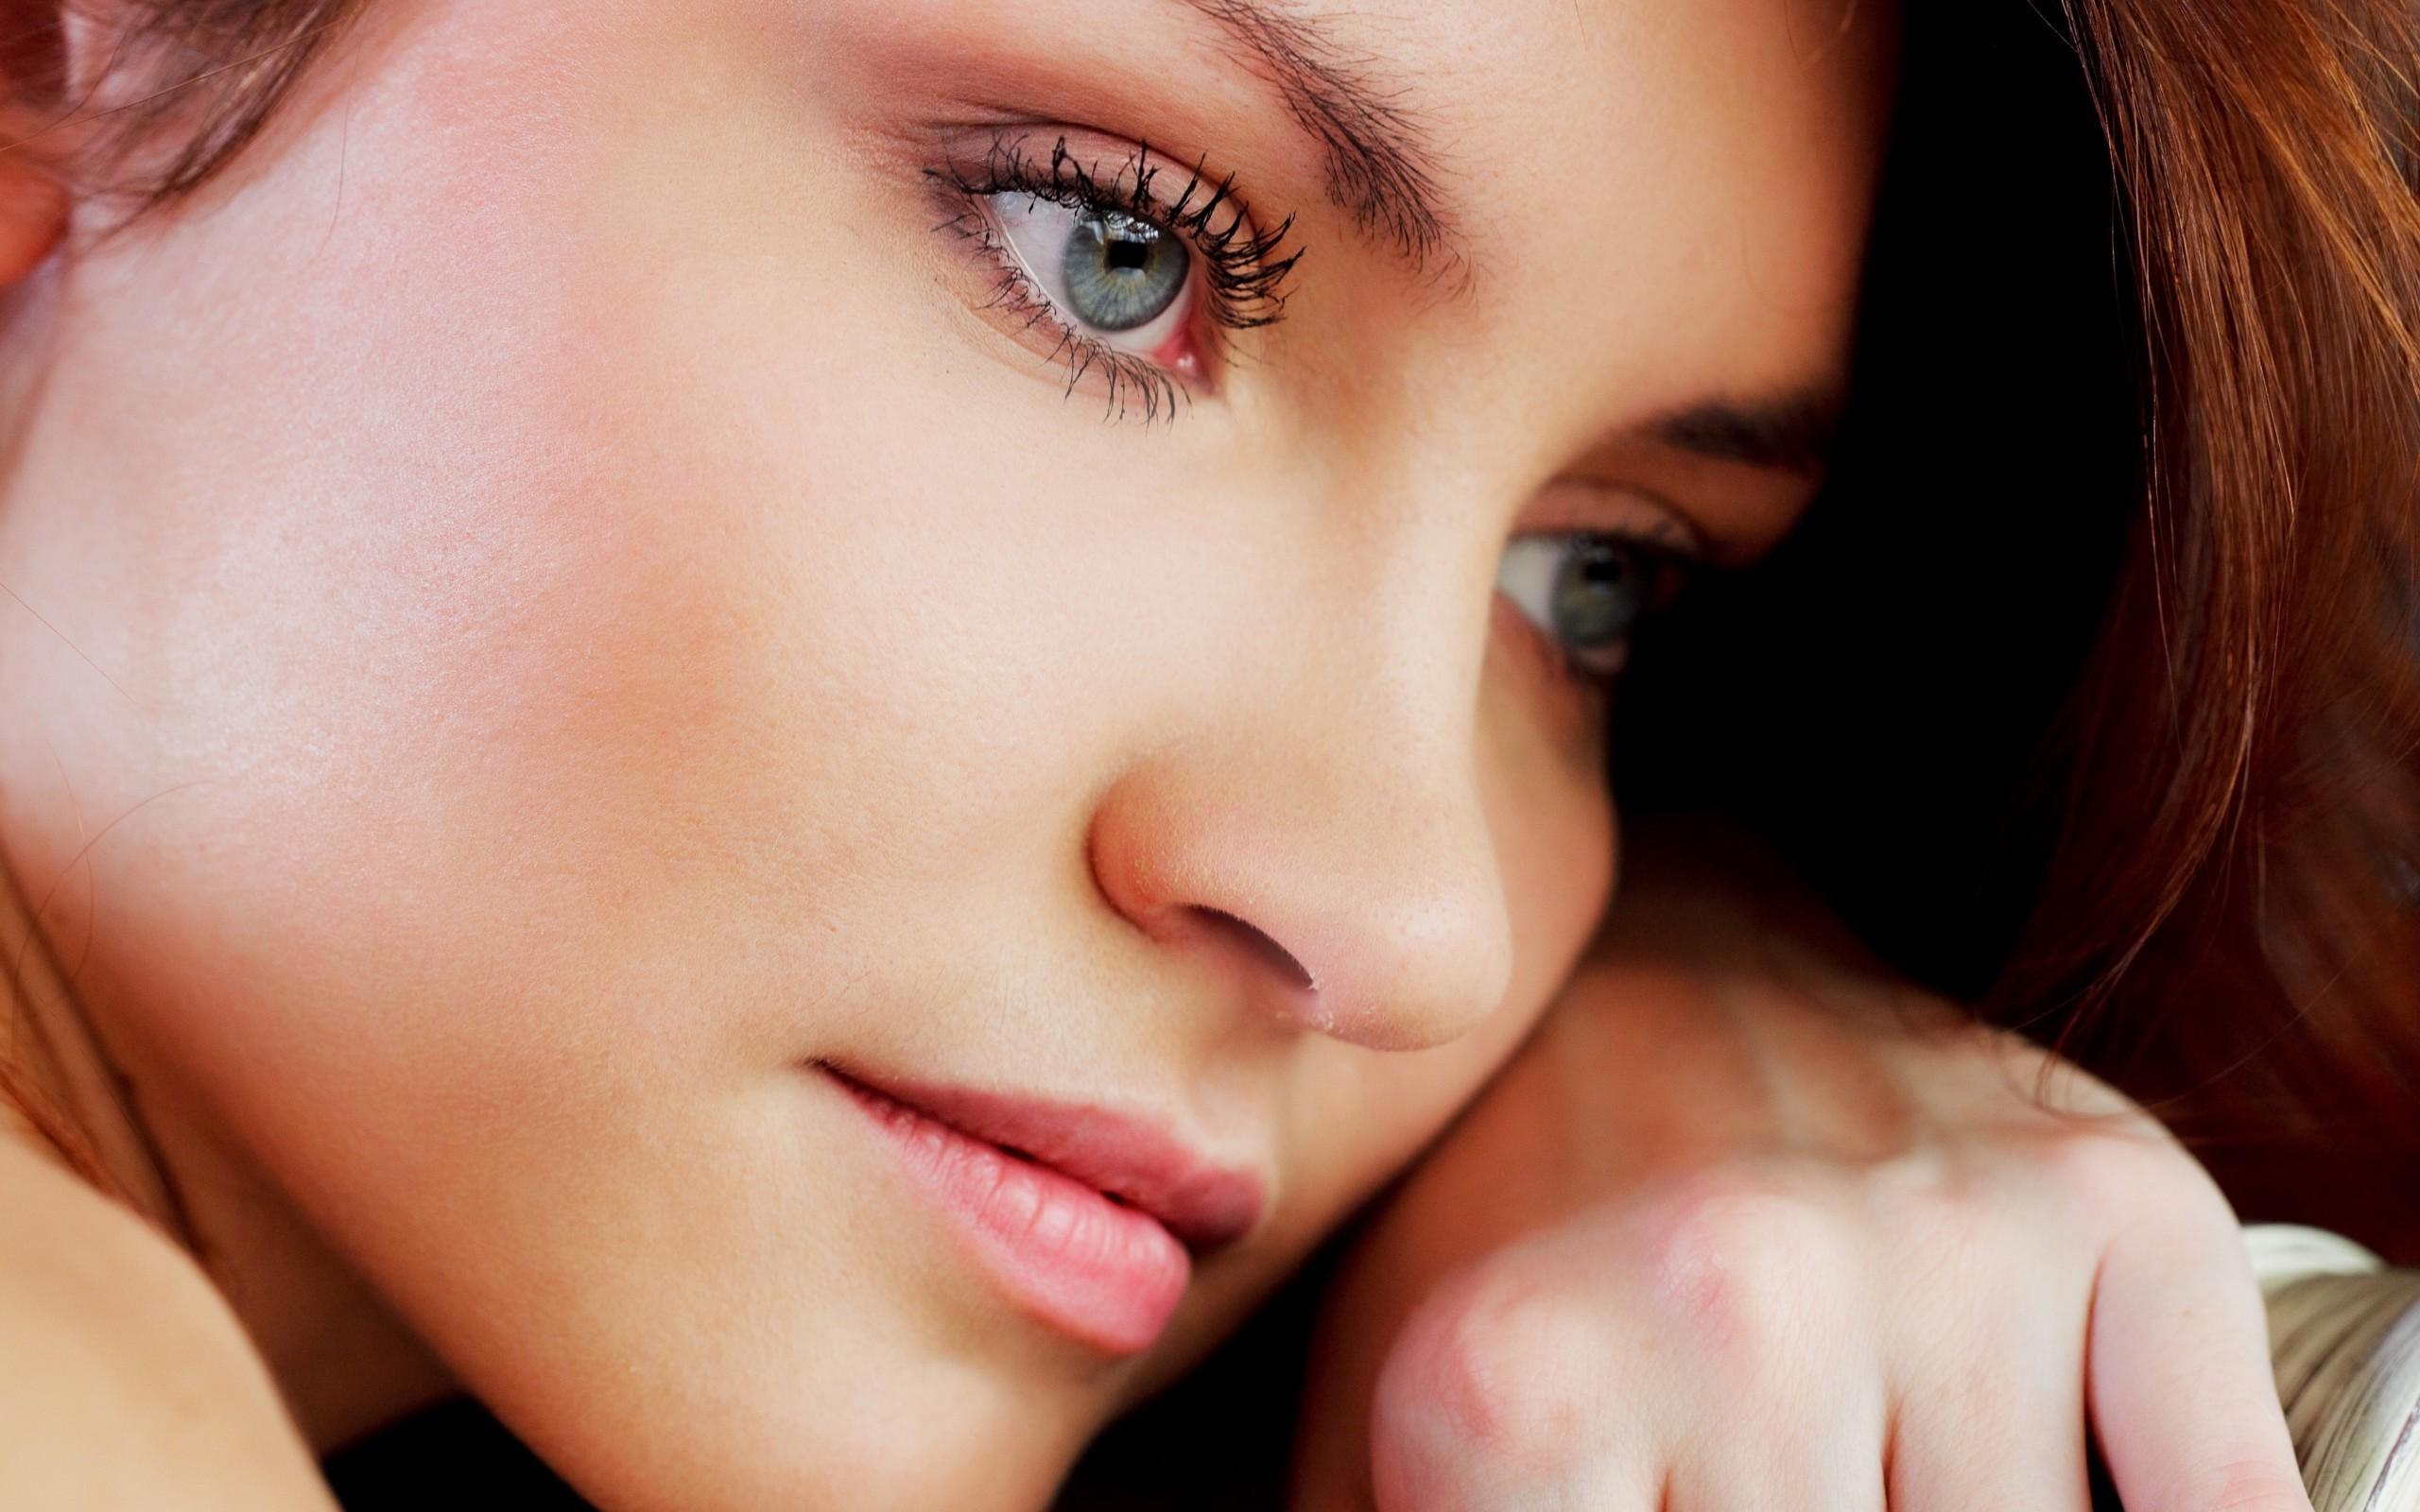 красивые женские глаза фото смотреть отечественных